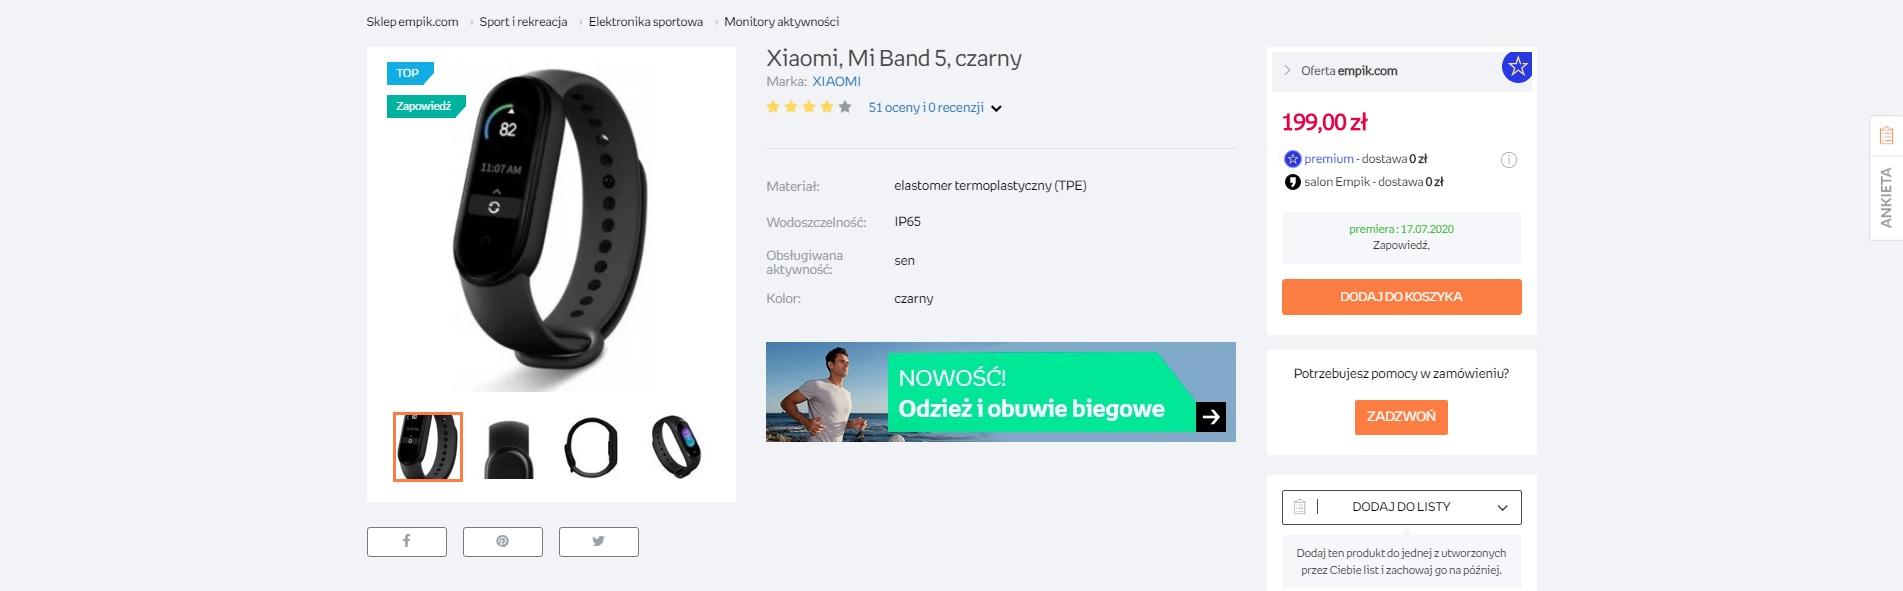 Xiaomi Mi Band 5 Empik